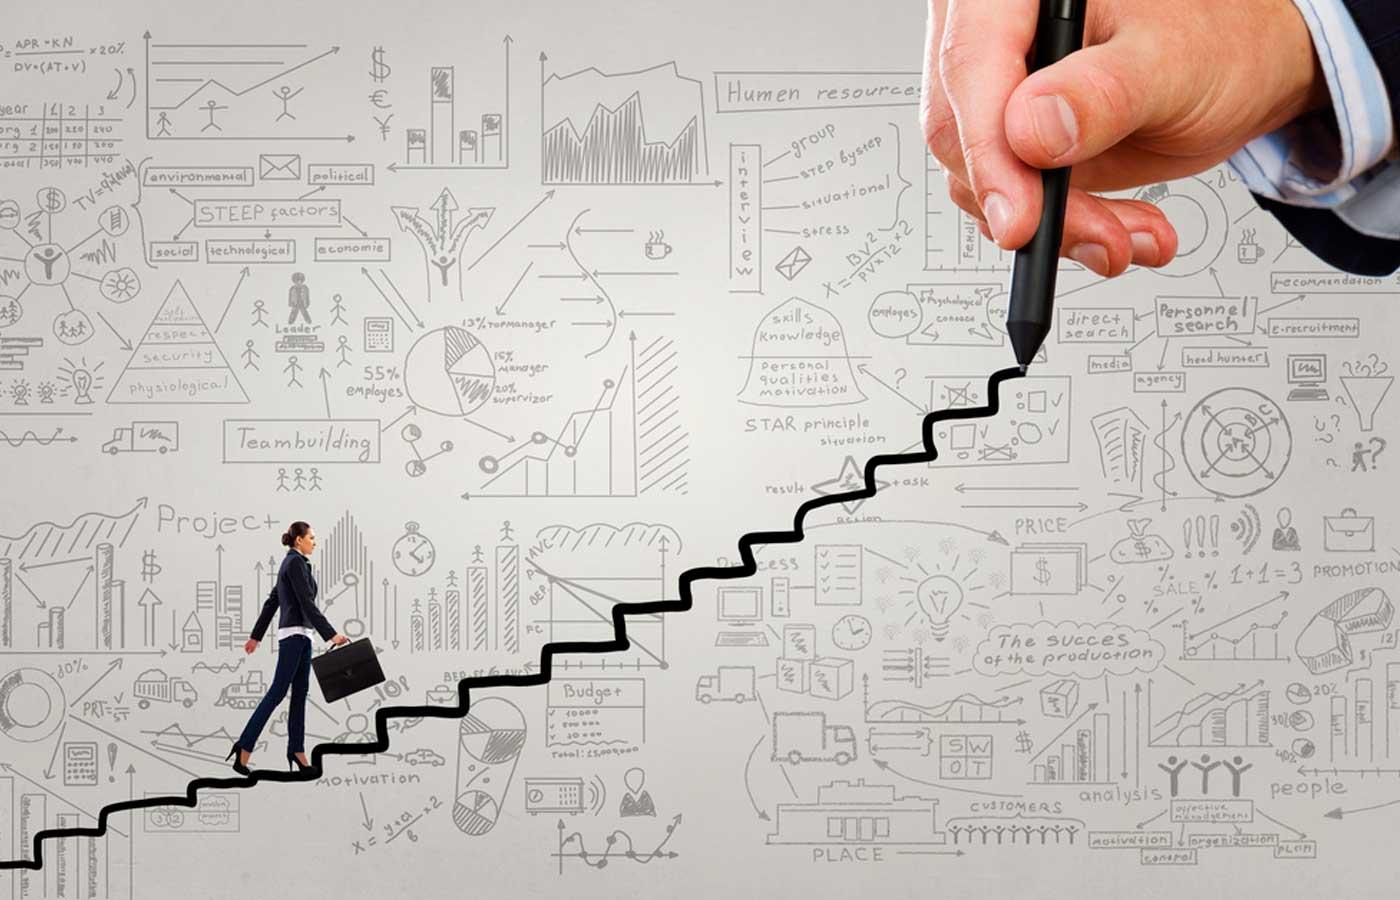 el clima laboral ayuda al desarrollo profesional